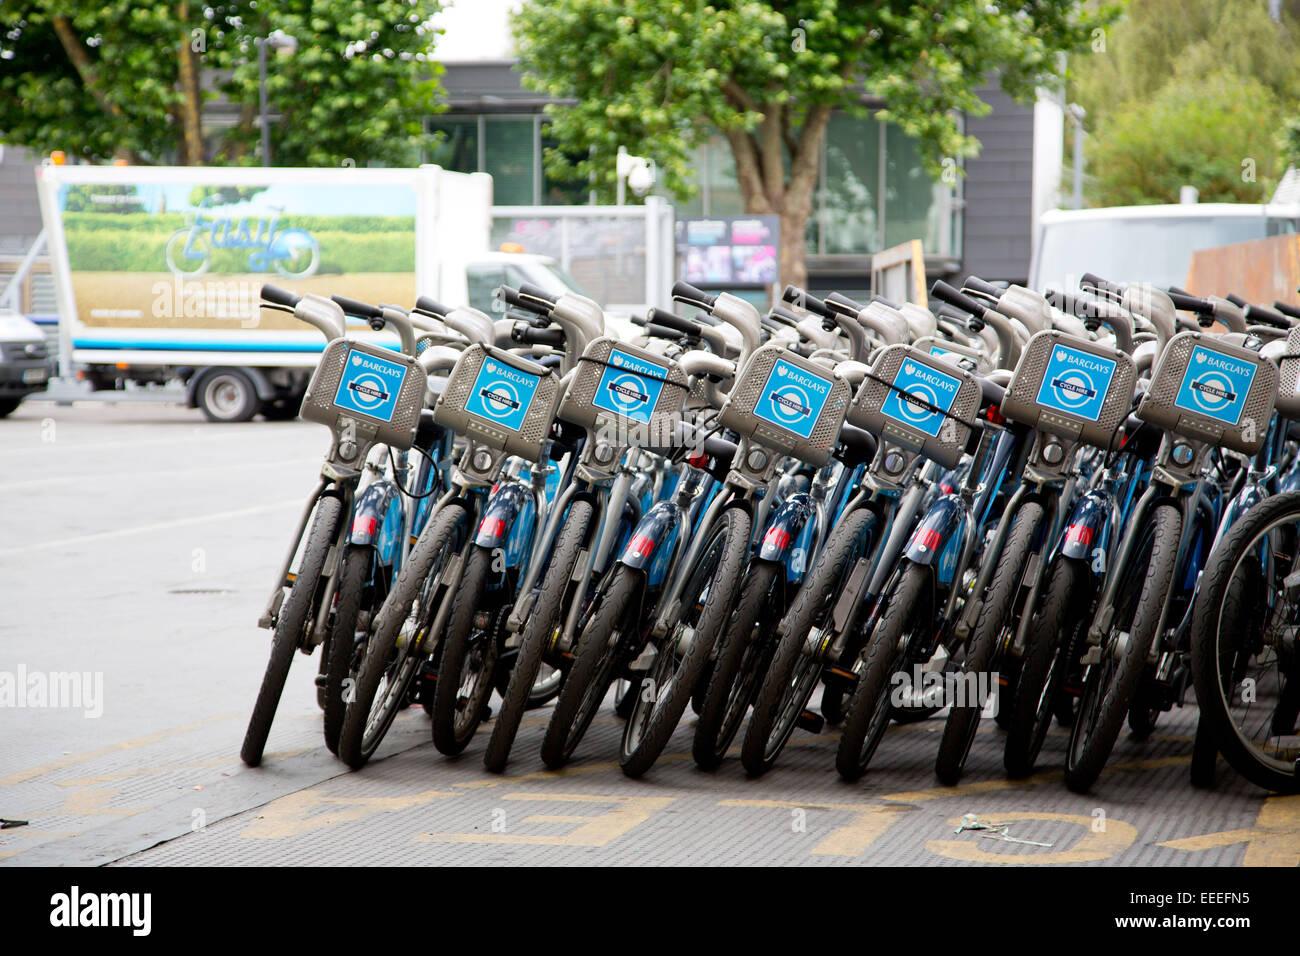 Pile del ciclo di riparazione noleggio biciclette presso Penton Street depot Immagini Stock